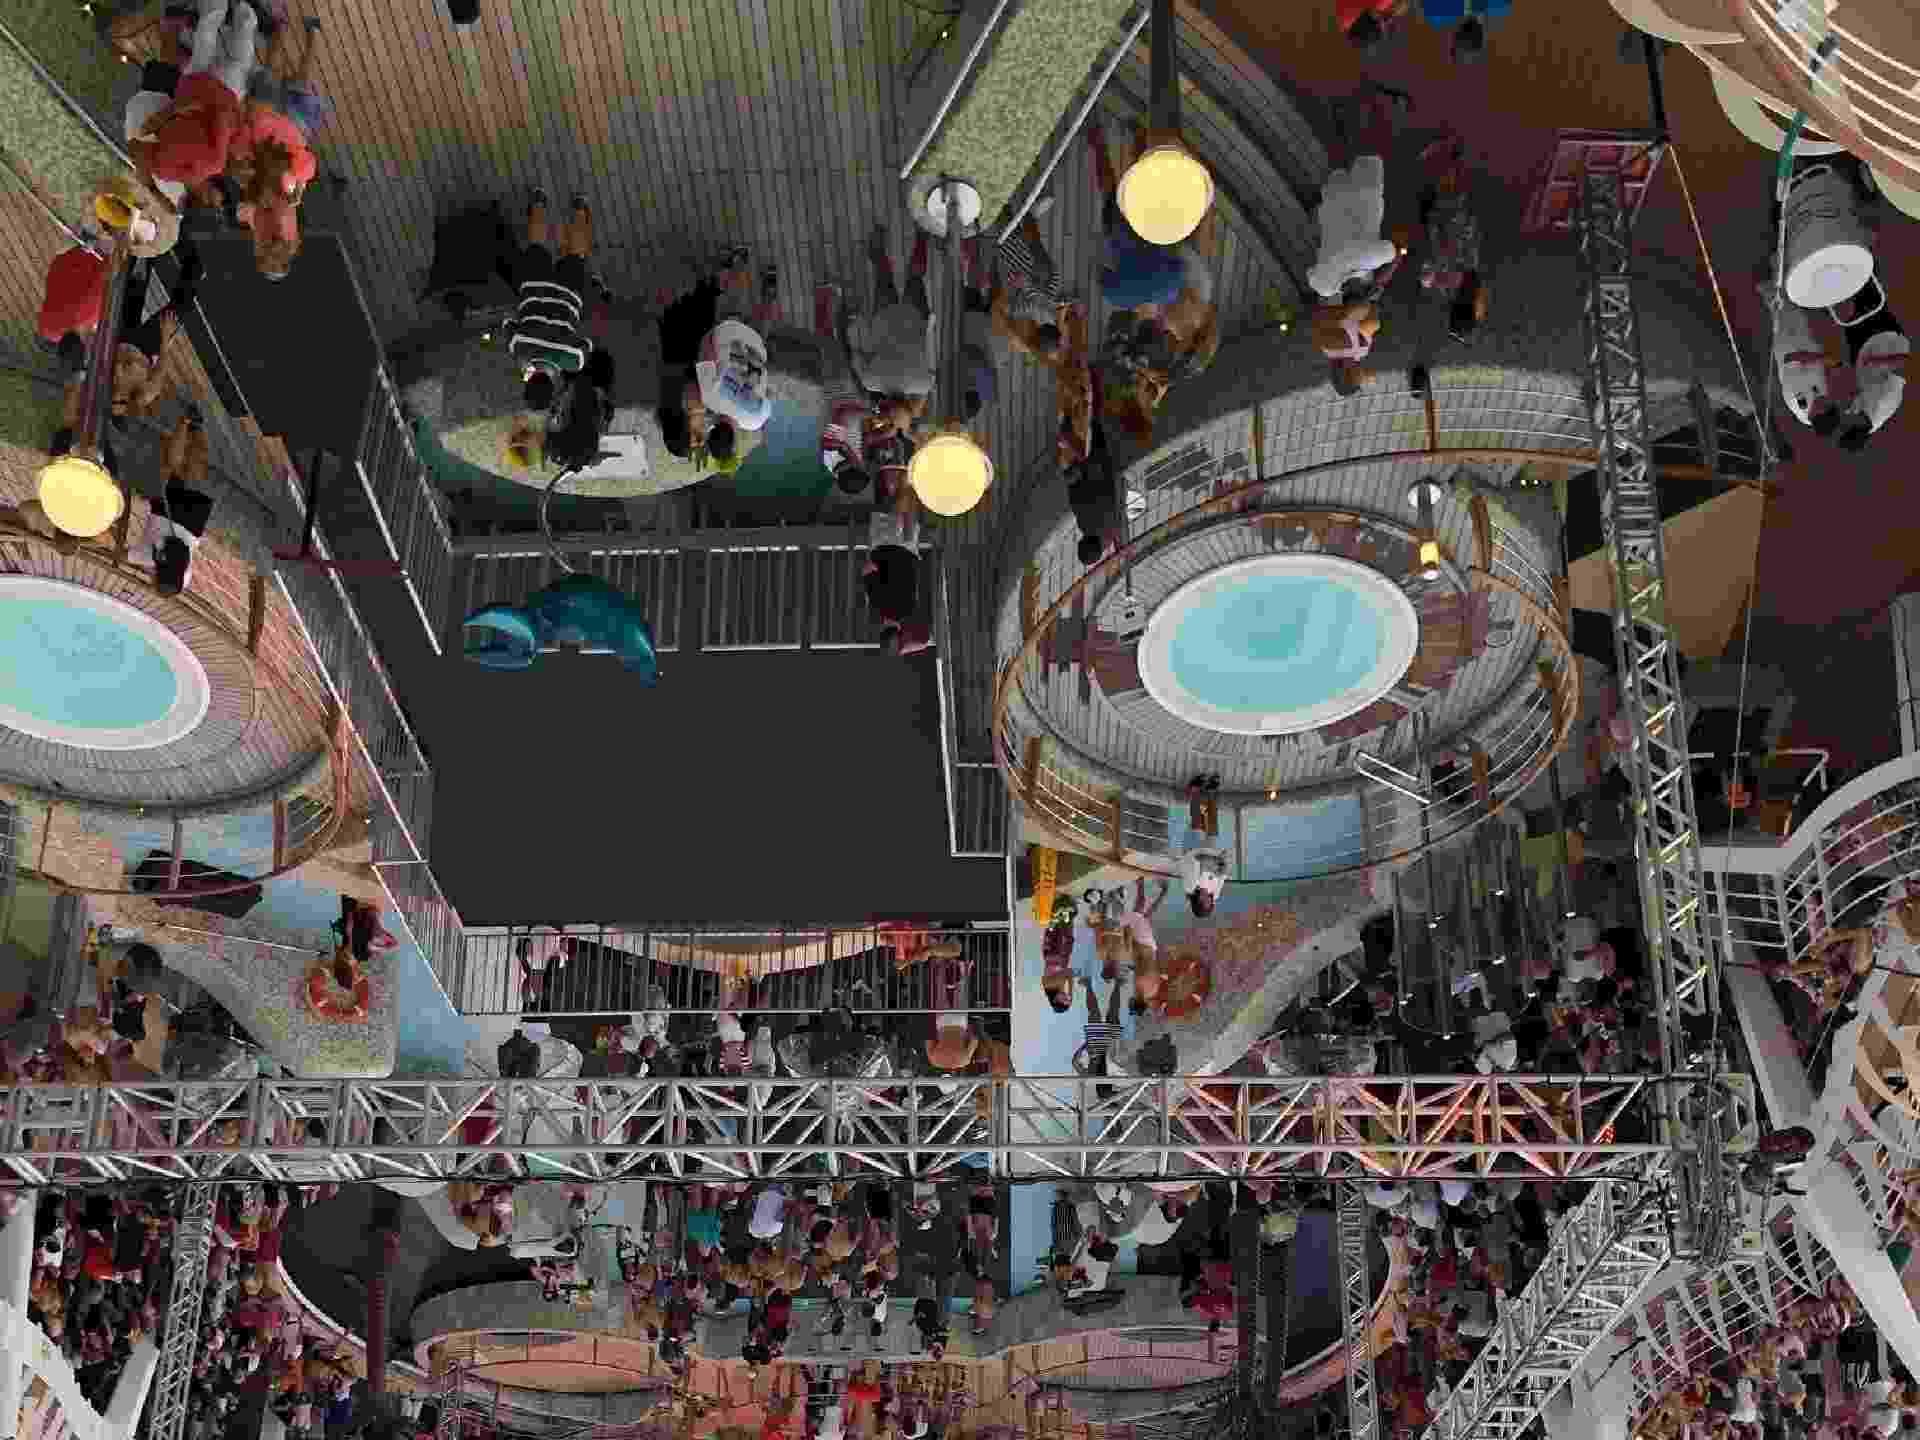 Público ocupava a área da piscina, onde foi montado o palco do show para o cruzeiro temático do Wesley Safadão - Felipe Branco Cruz/UOL